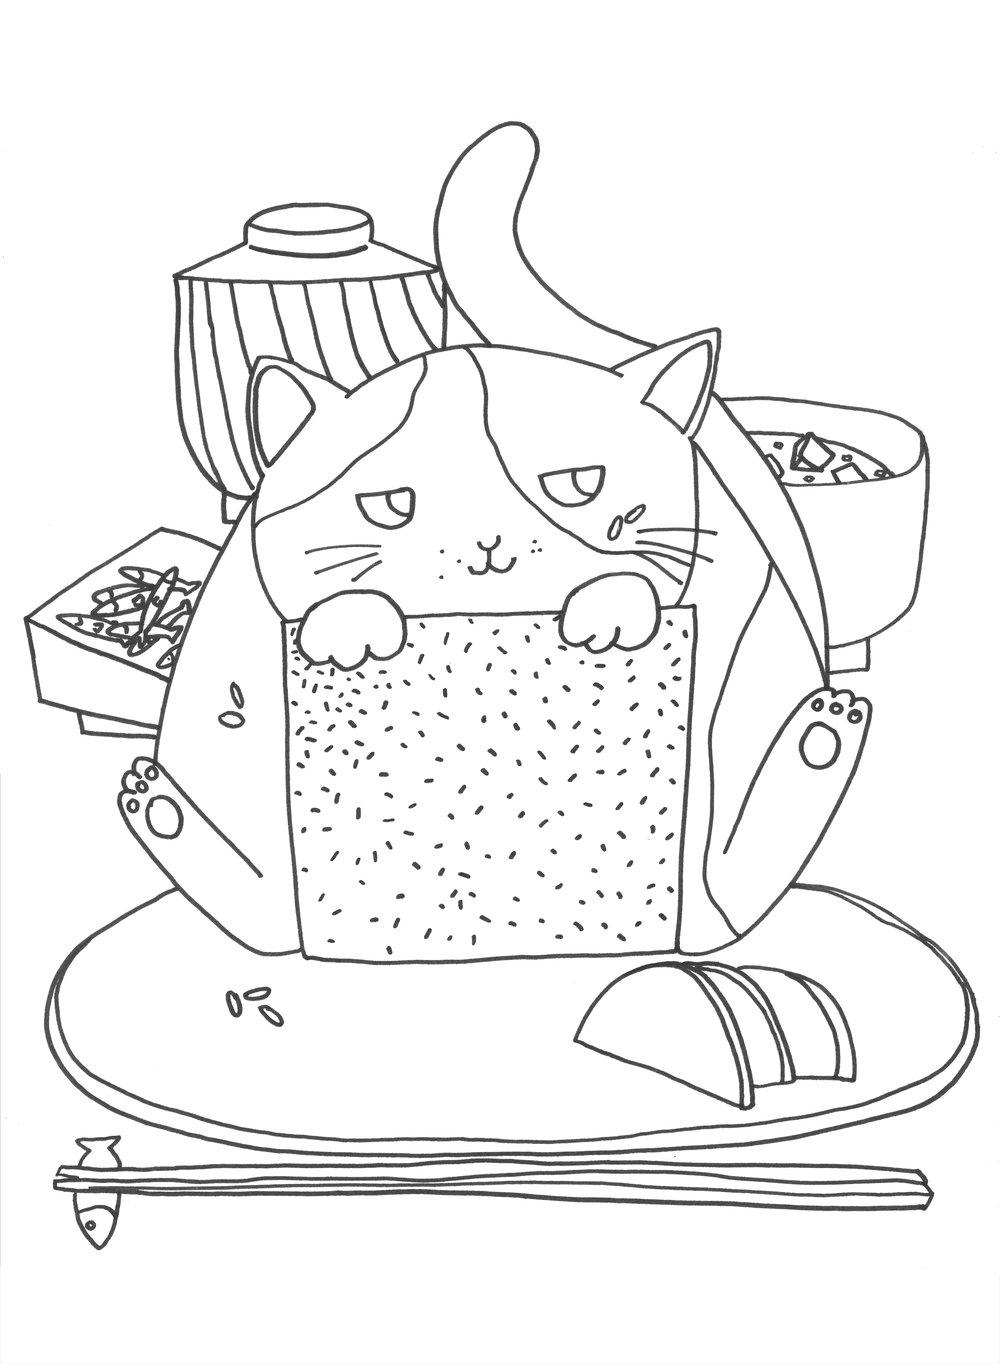 OnigiriCAT.jpg